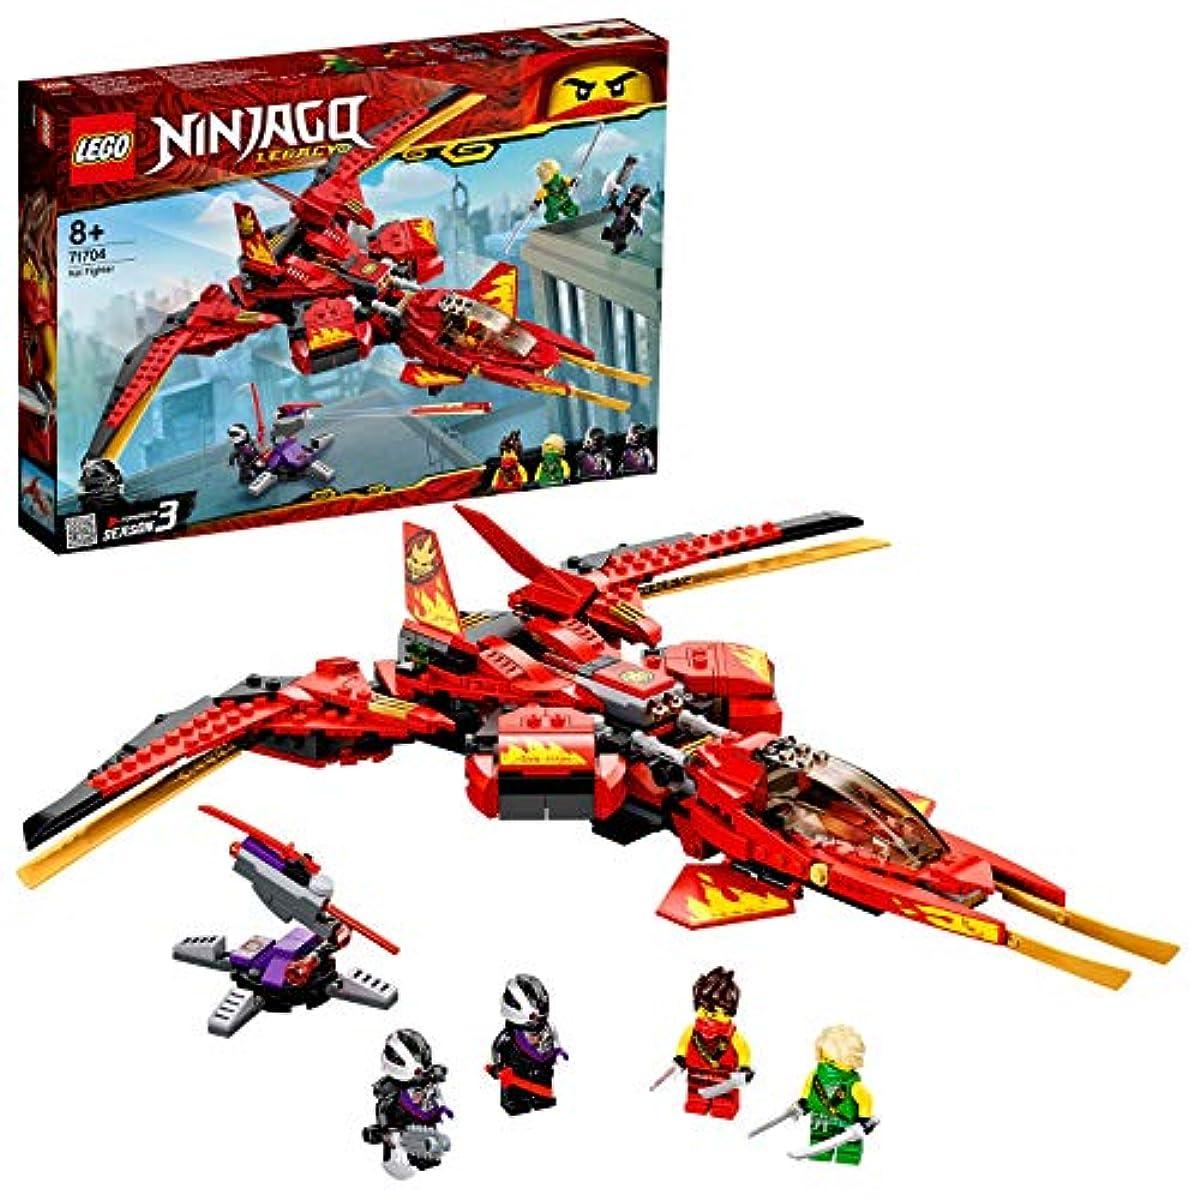 [해외] 레고(LEGO) 닌자고 카이파이터 71704